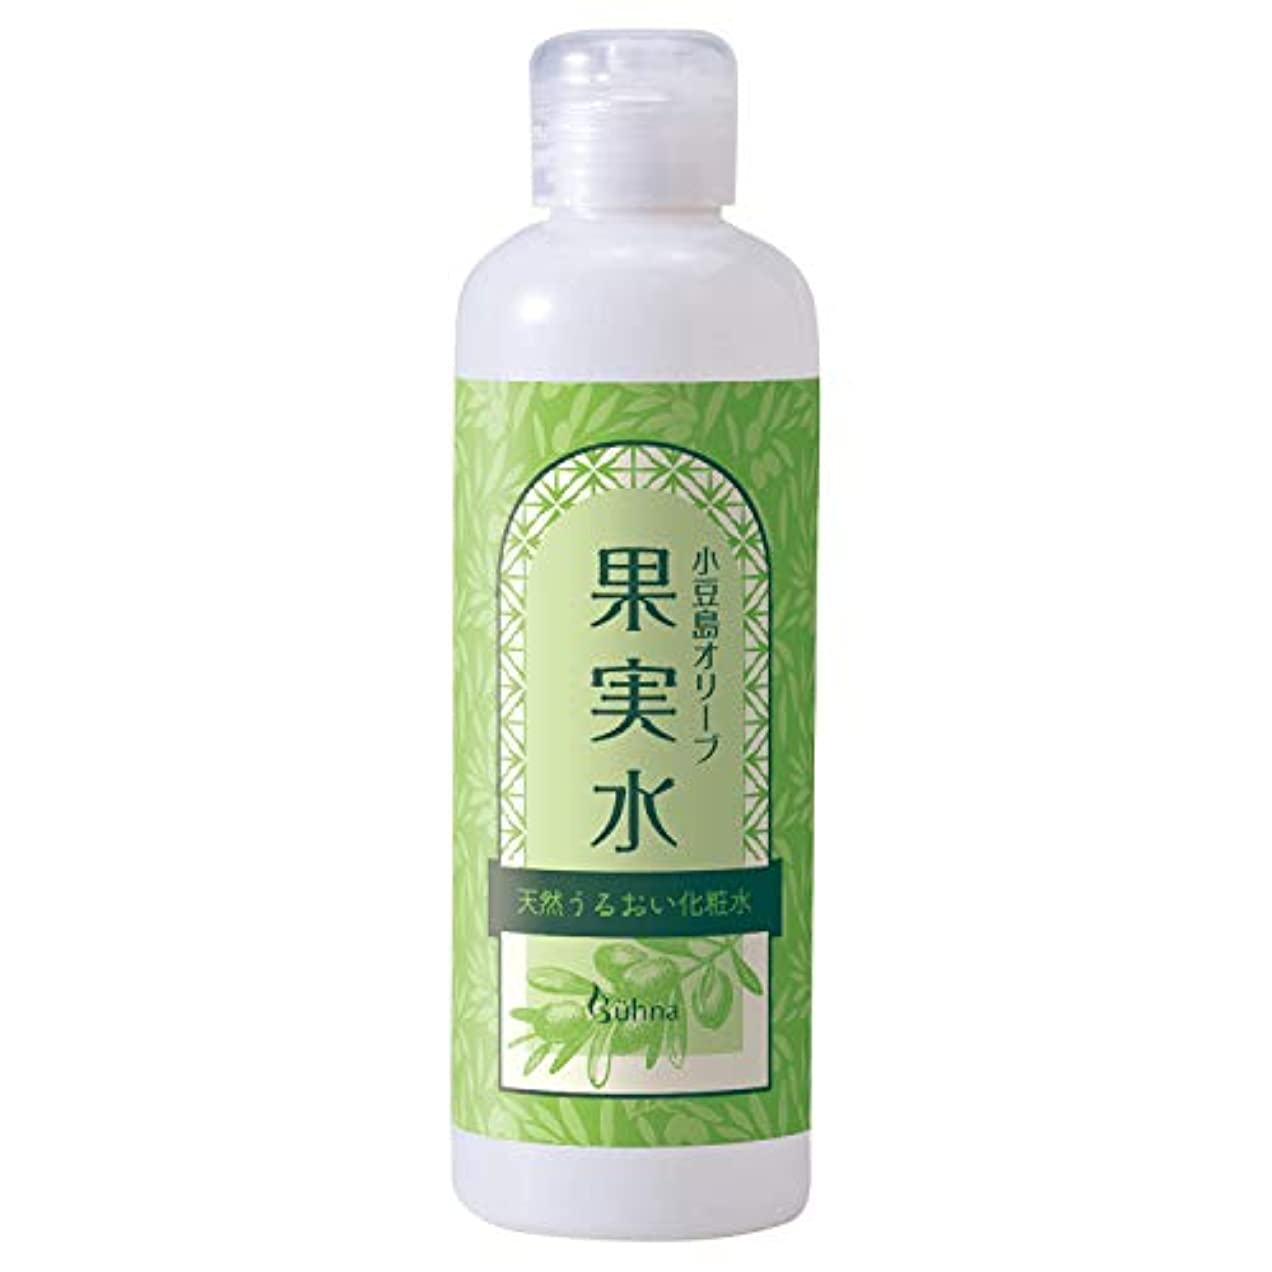 選択ジャングル愚かビューナ 小豆島オリーブ果実水 化粧水 保湿 オリーブオイル 無着色